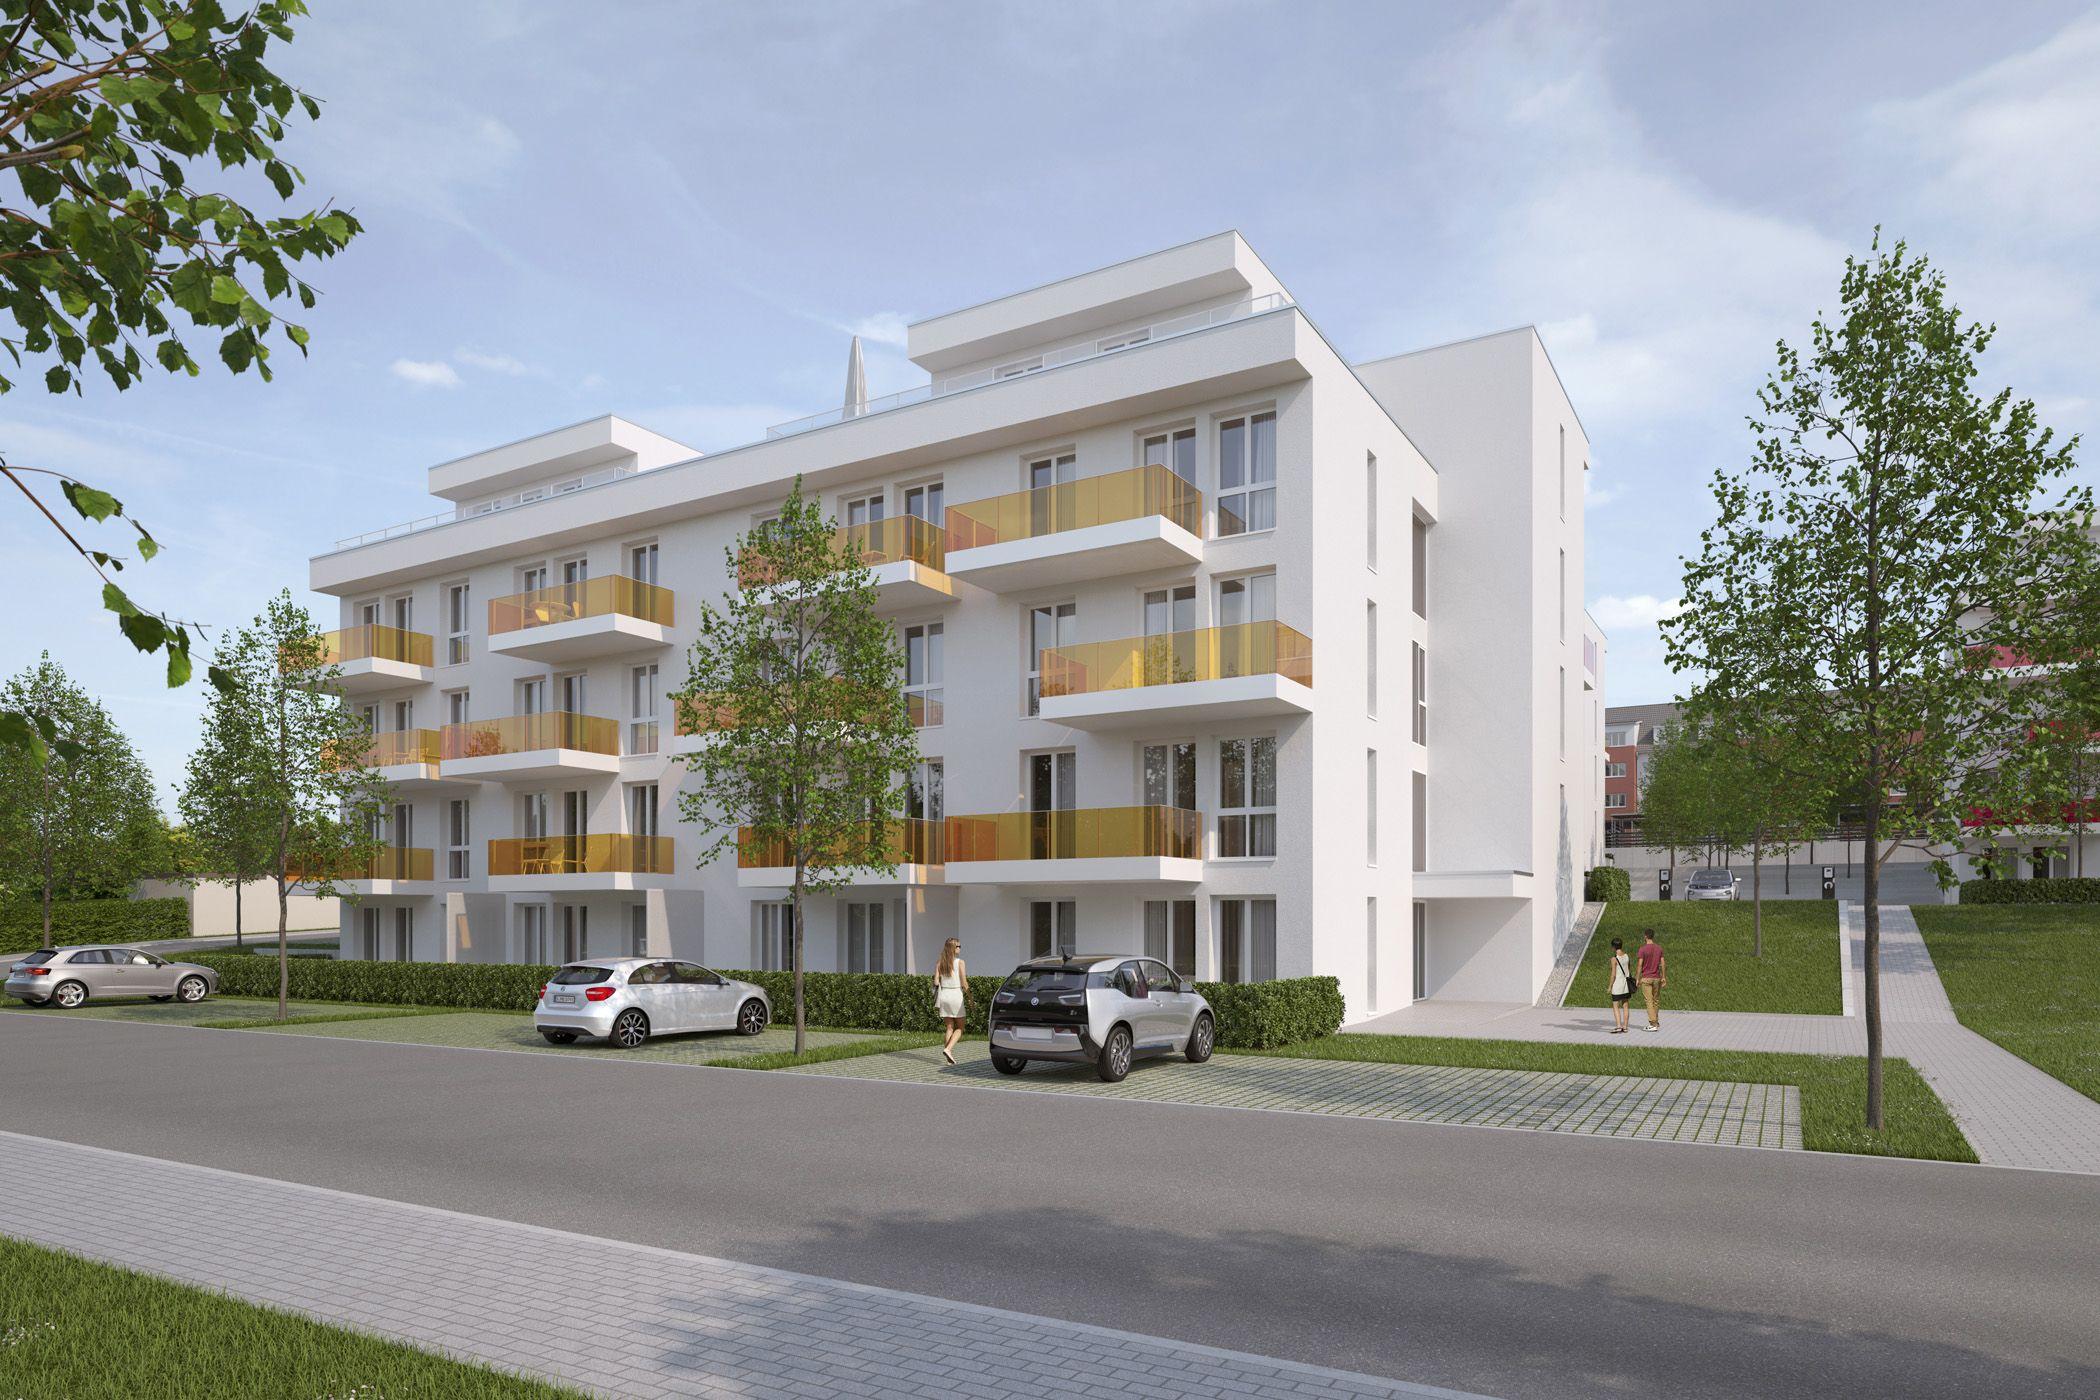 Architekturvisualisierung Stuttgart wohnquartier carlsgarten haus a bad kreuznach raumlabor3